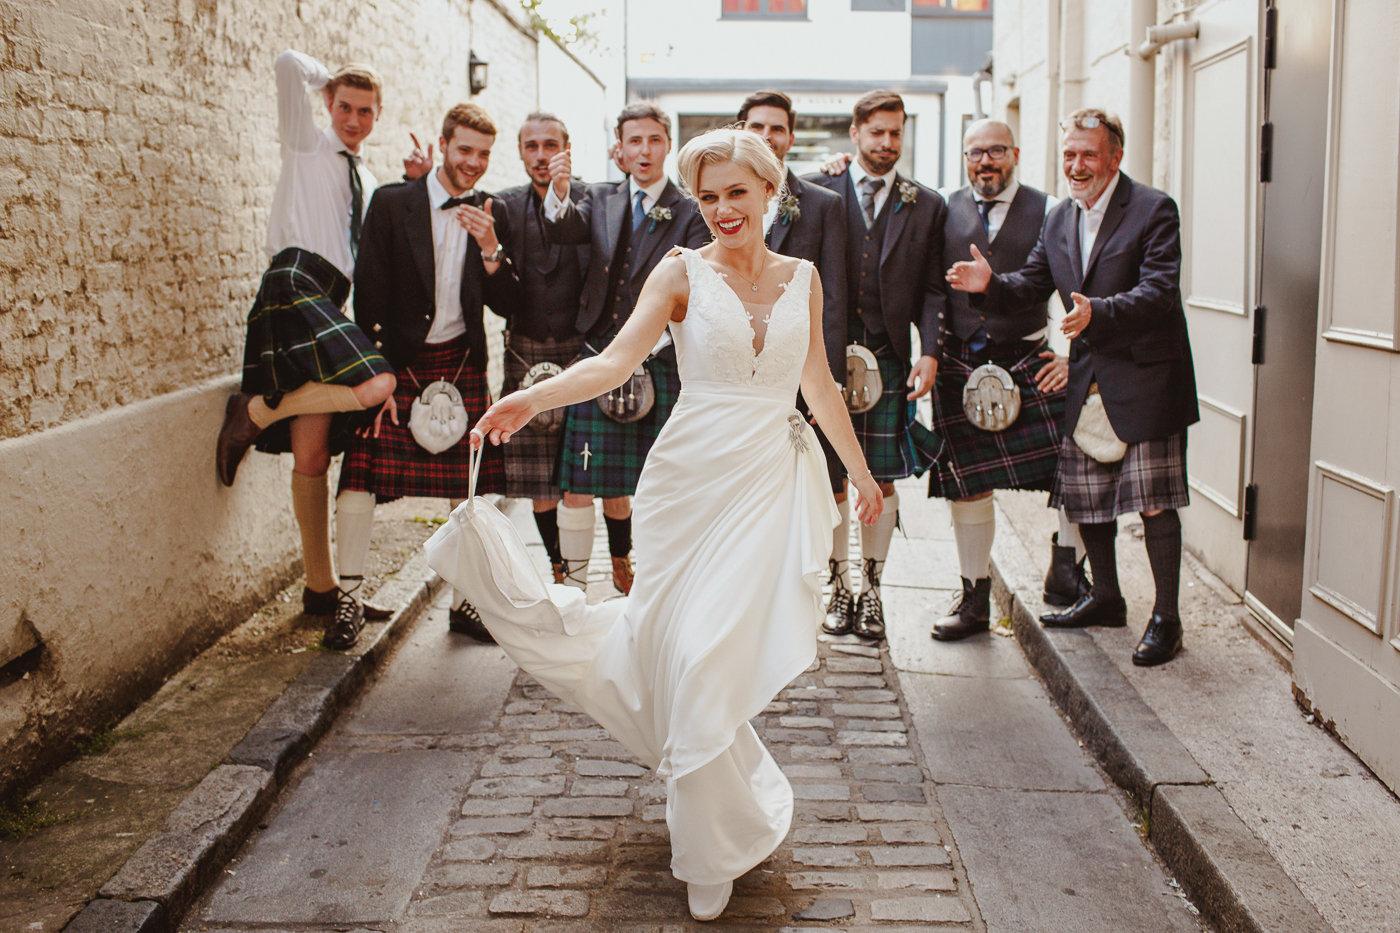 London-wedding-photographer-31.jpg